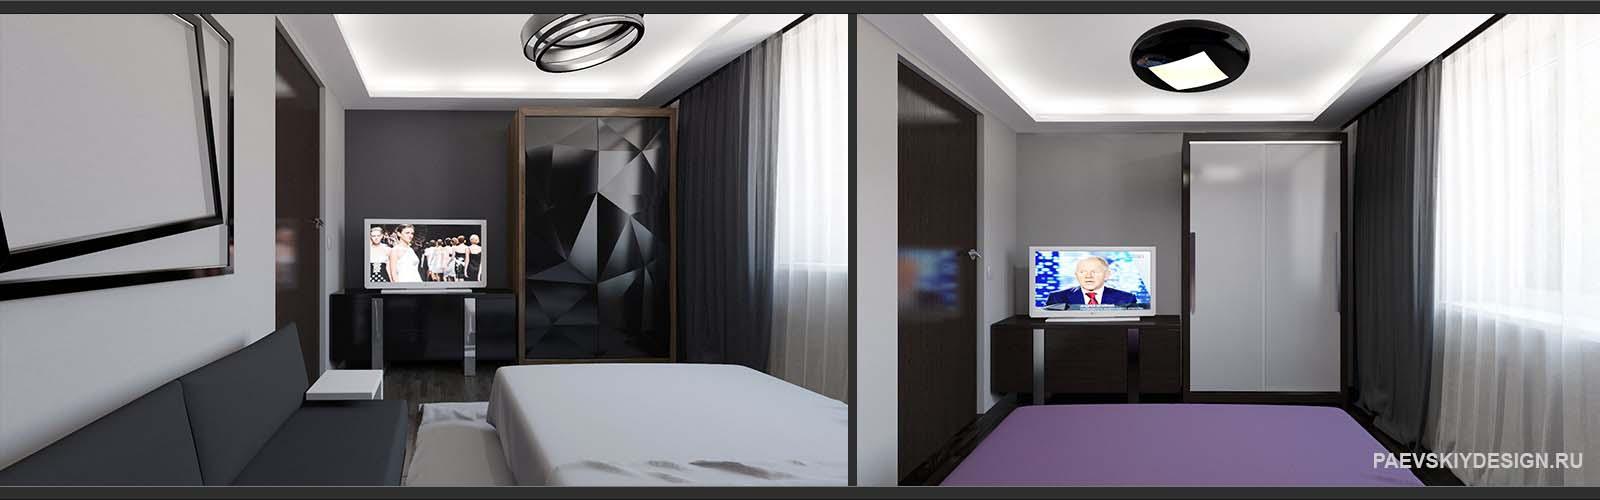 Варианты оформления спальни в современном стиле